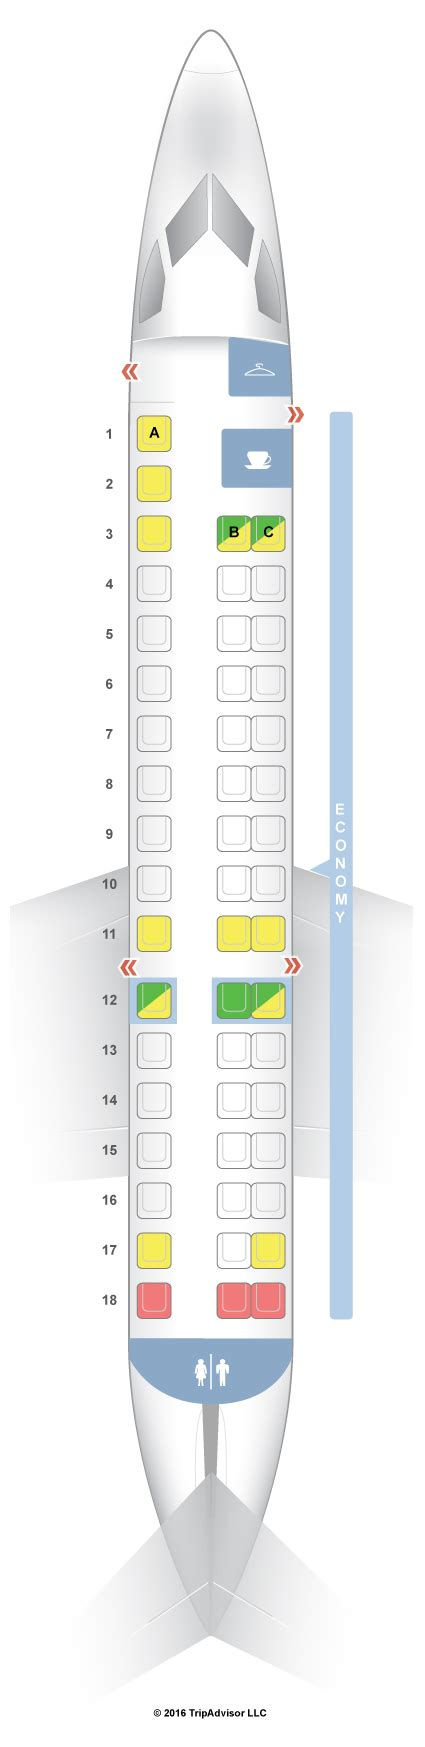 seating guru seatguru seat map american airlines embraer erj 145 er4